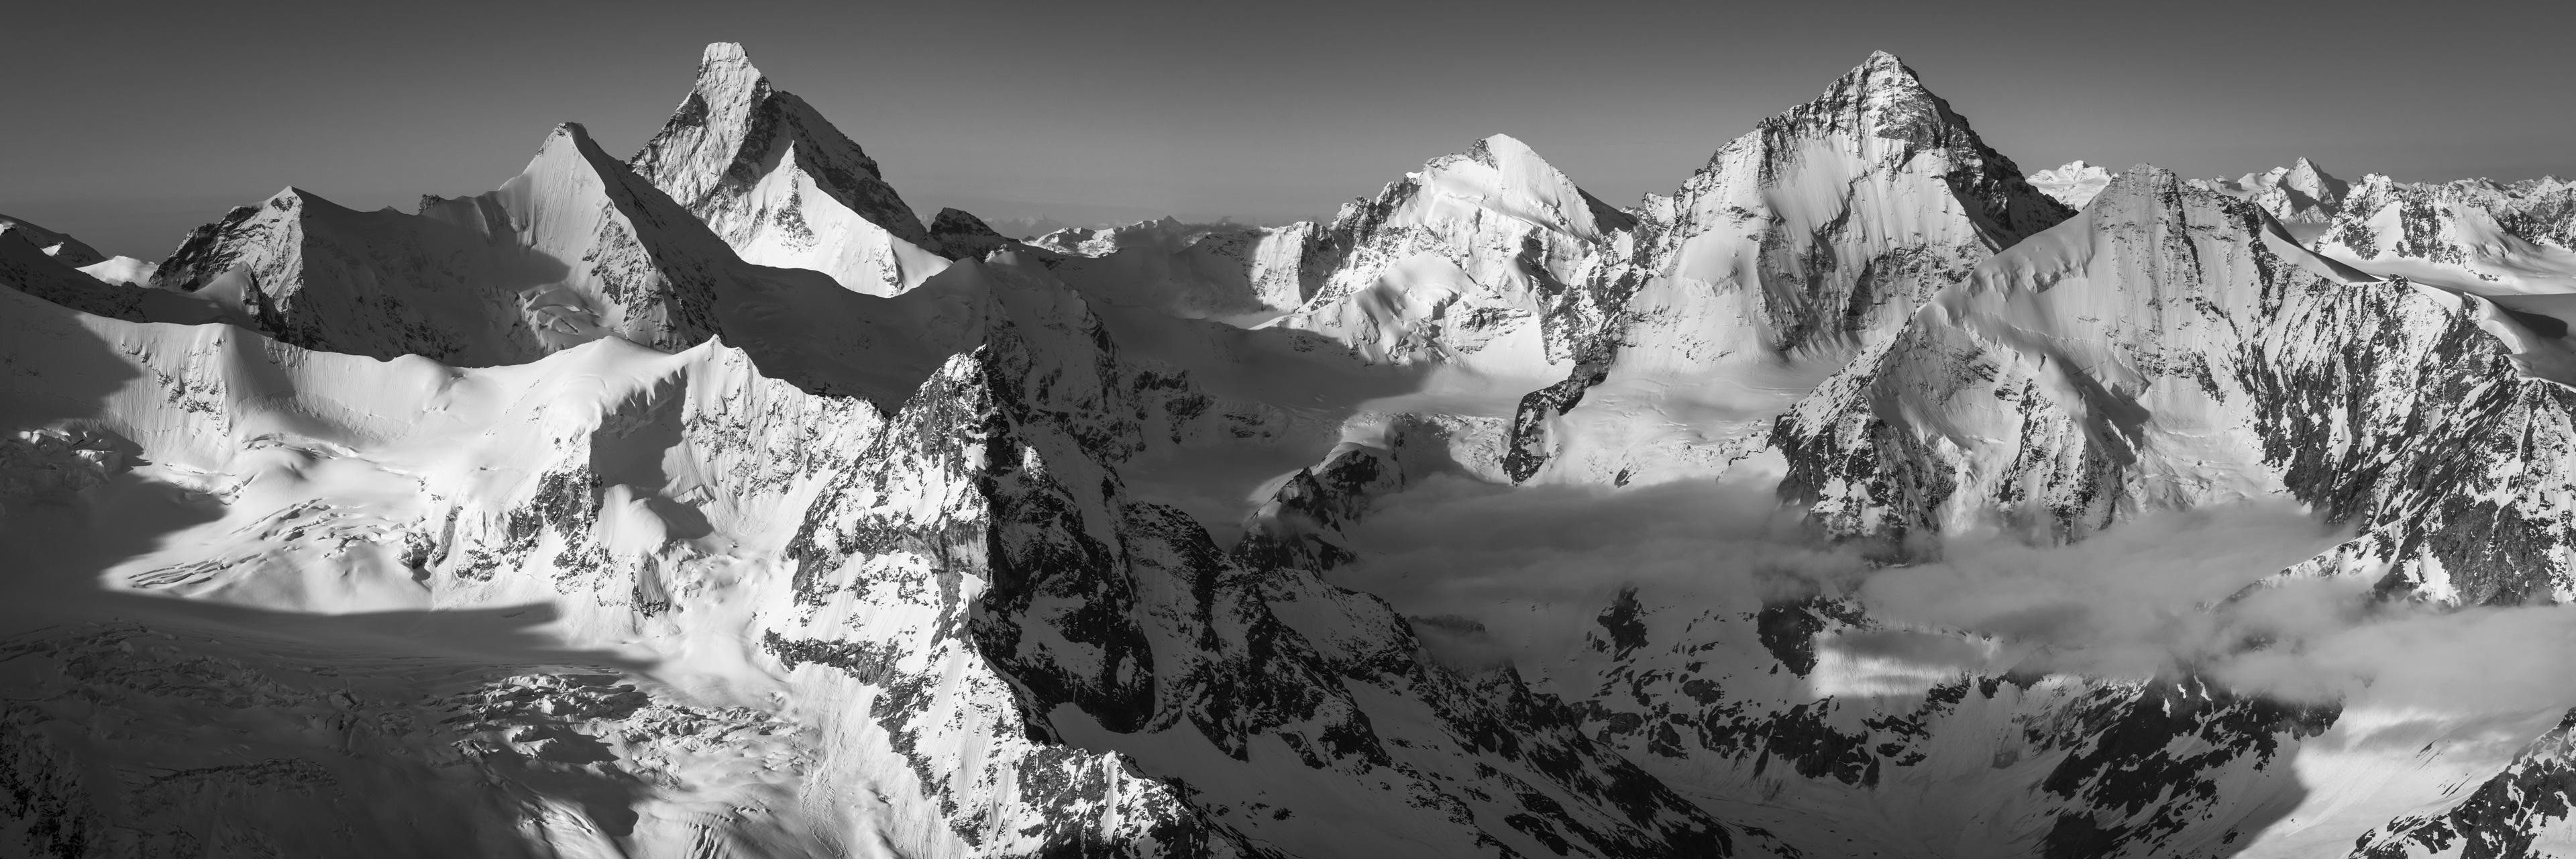 Val d'Anniviers - photo panoramique des montagnes Suisses rocheuse dans les Alpes noir et blanc